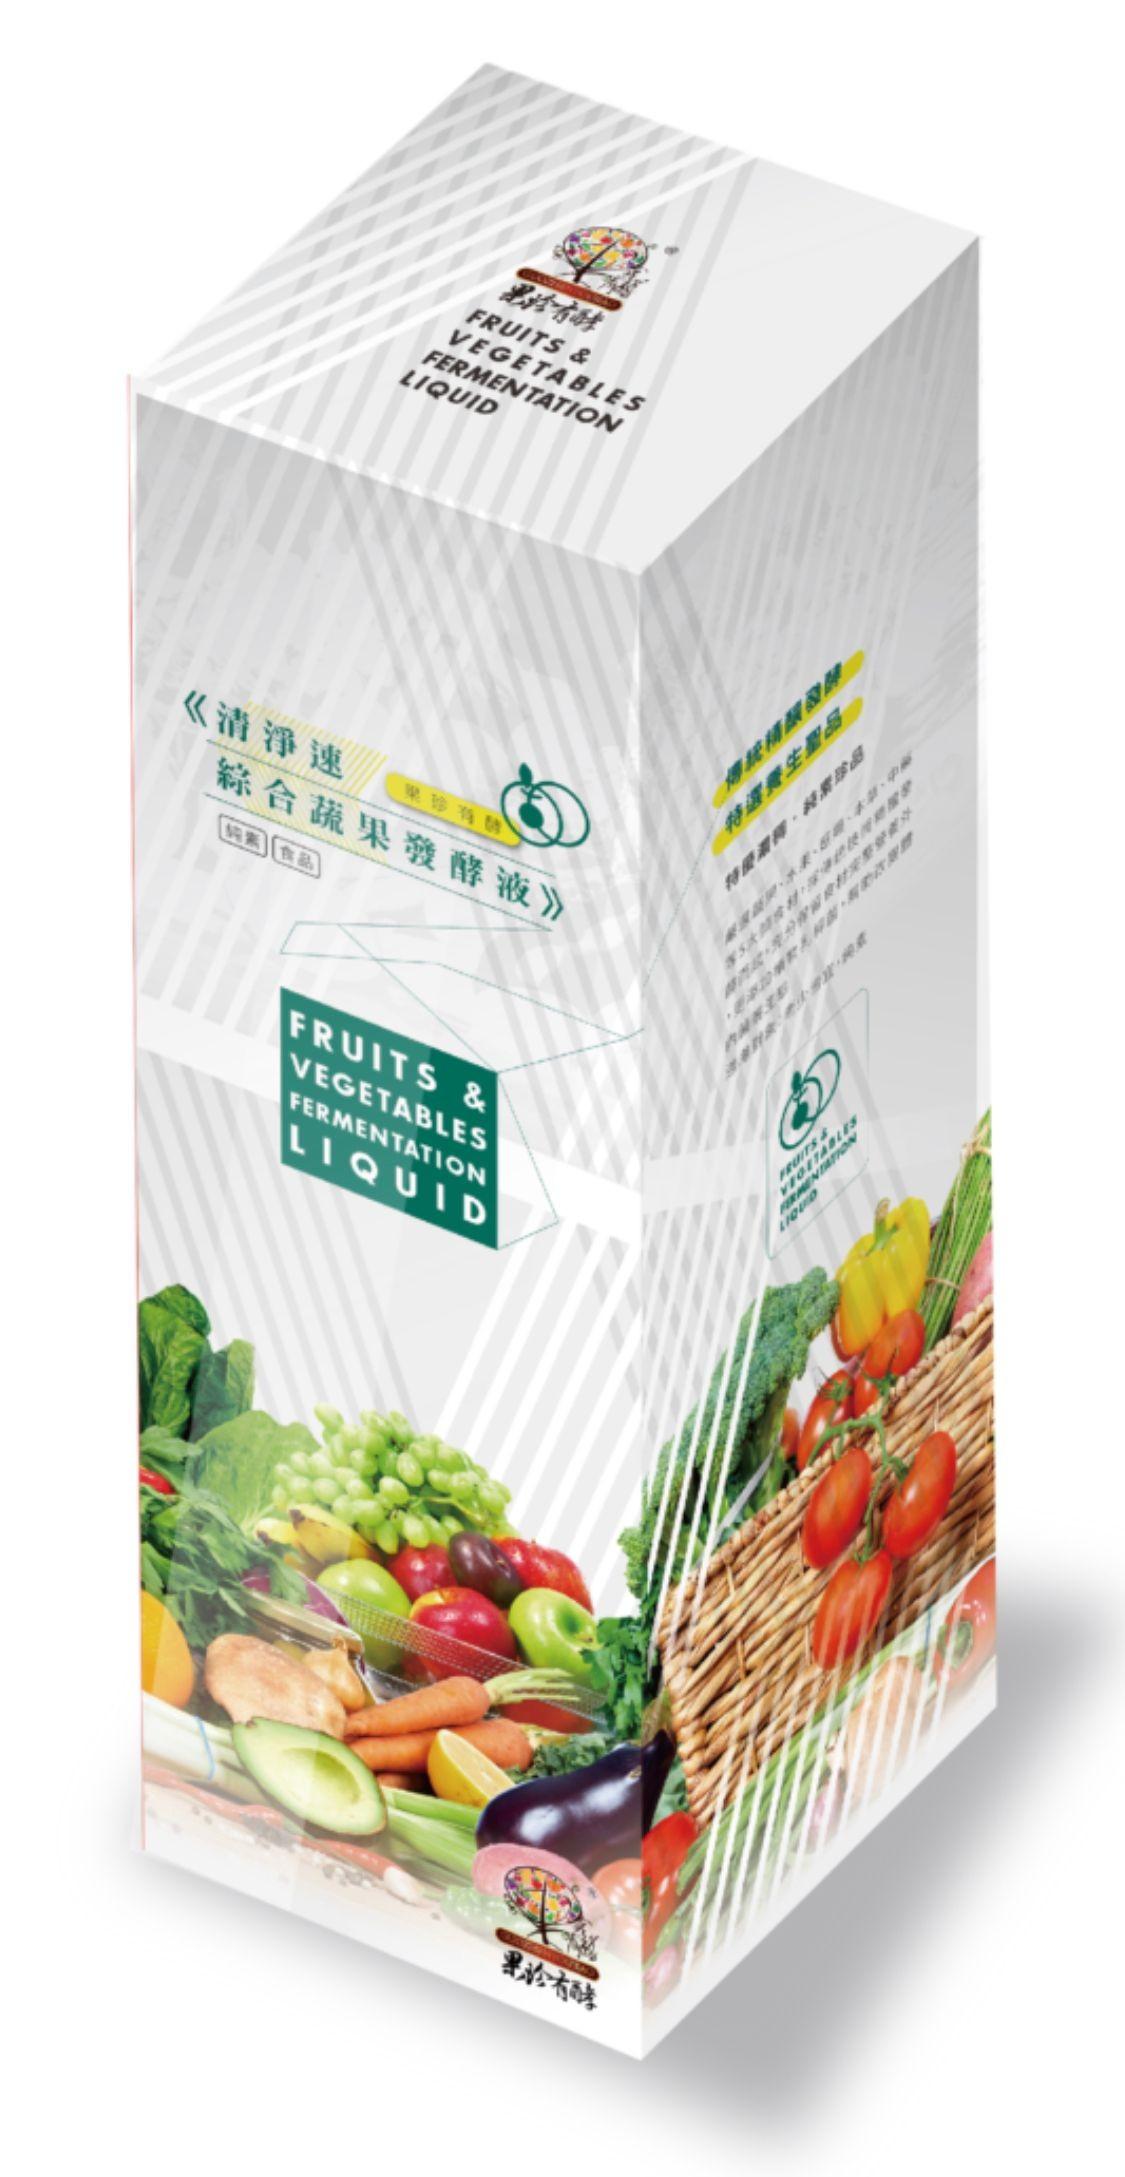 果珍有酵 綜合蔬果 酵素液 750ml一瓶 台灣嘉義酵素村製造 天然蔬果養生保健酵素液 可稀釋5倍